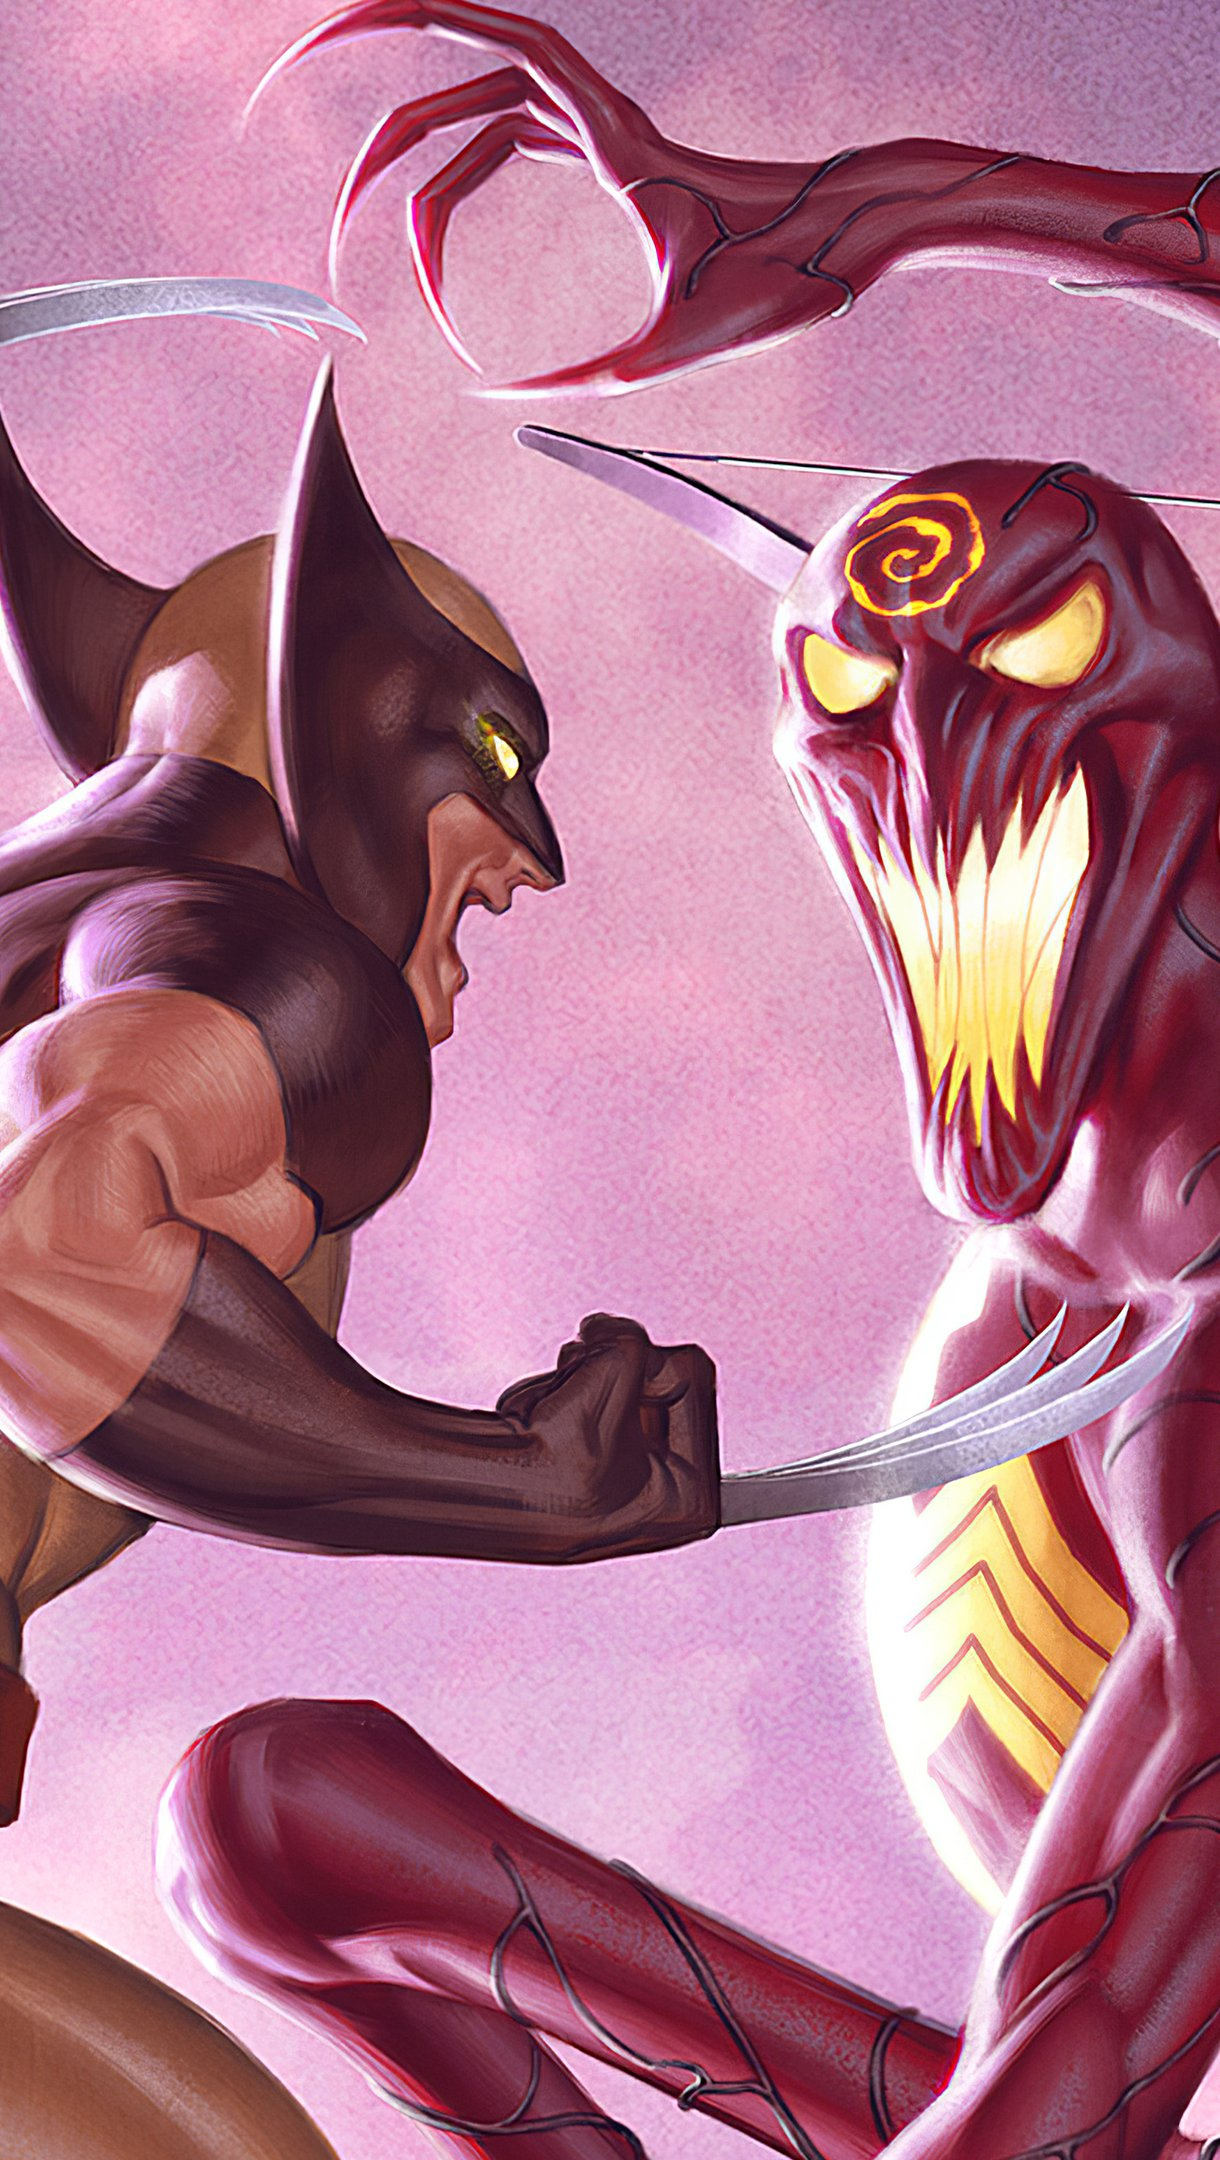 Fondos de pantalla Wolverine contra Carnage Vertical